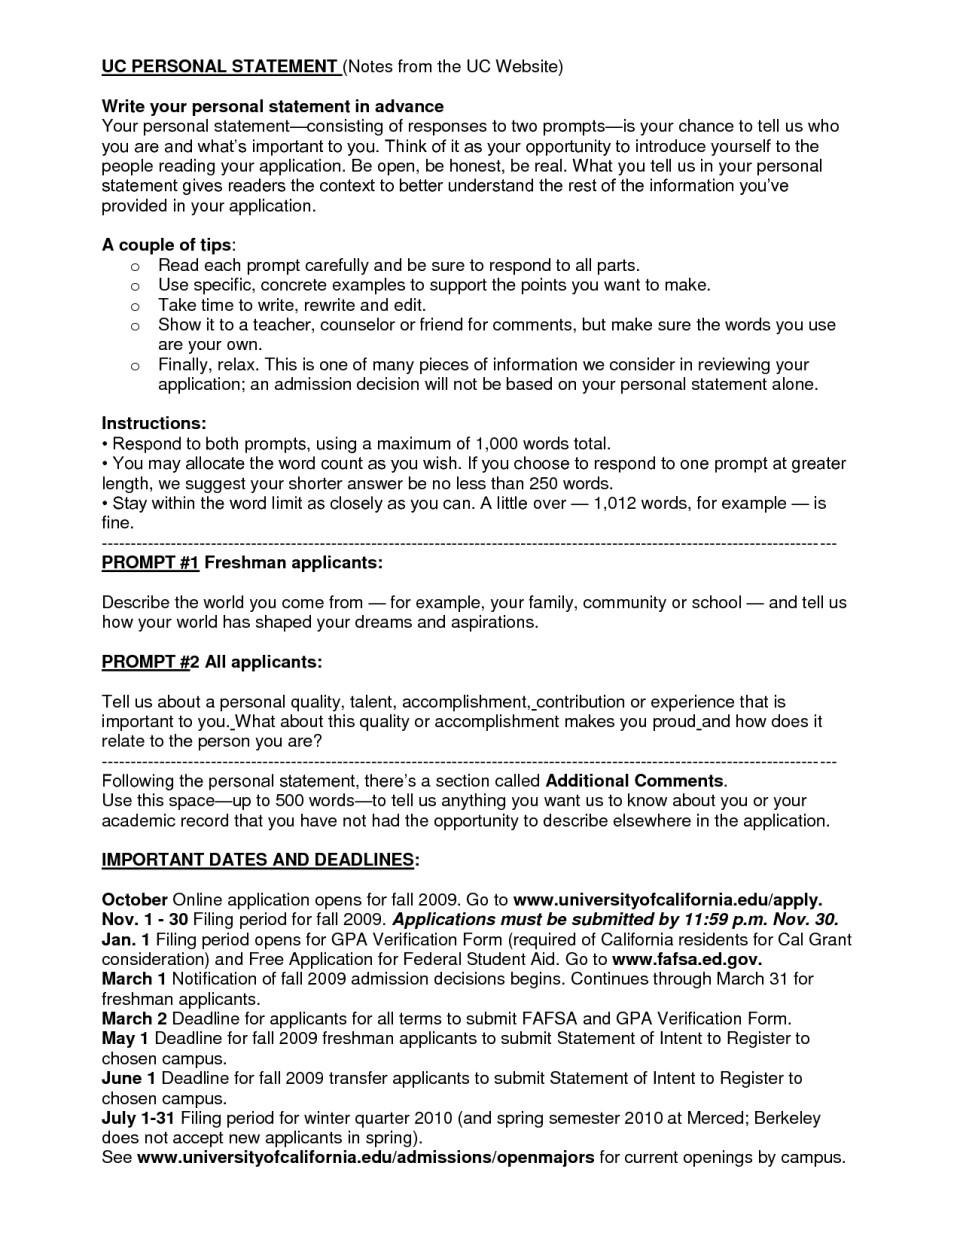 Research paper cesar chavez